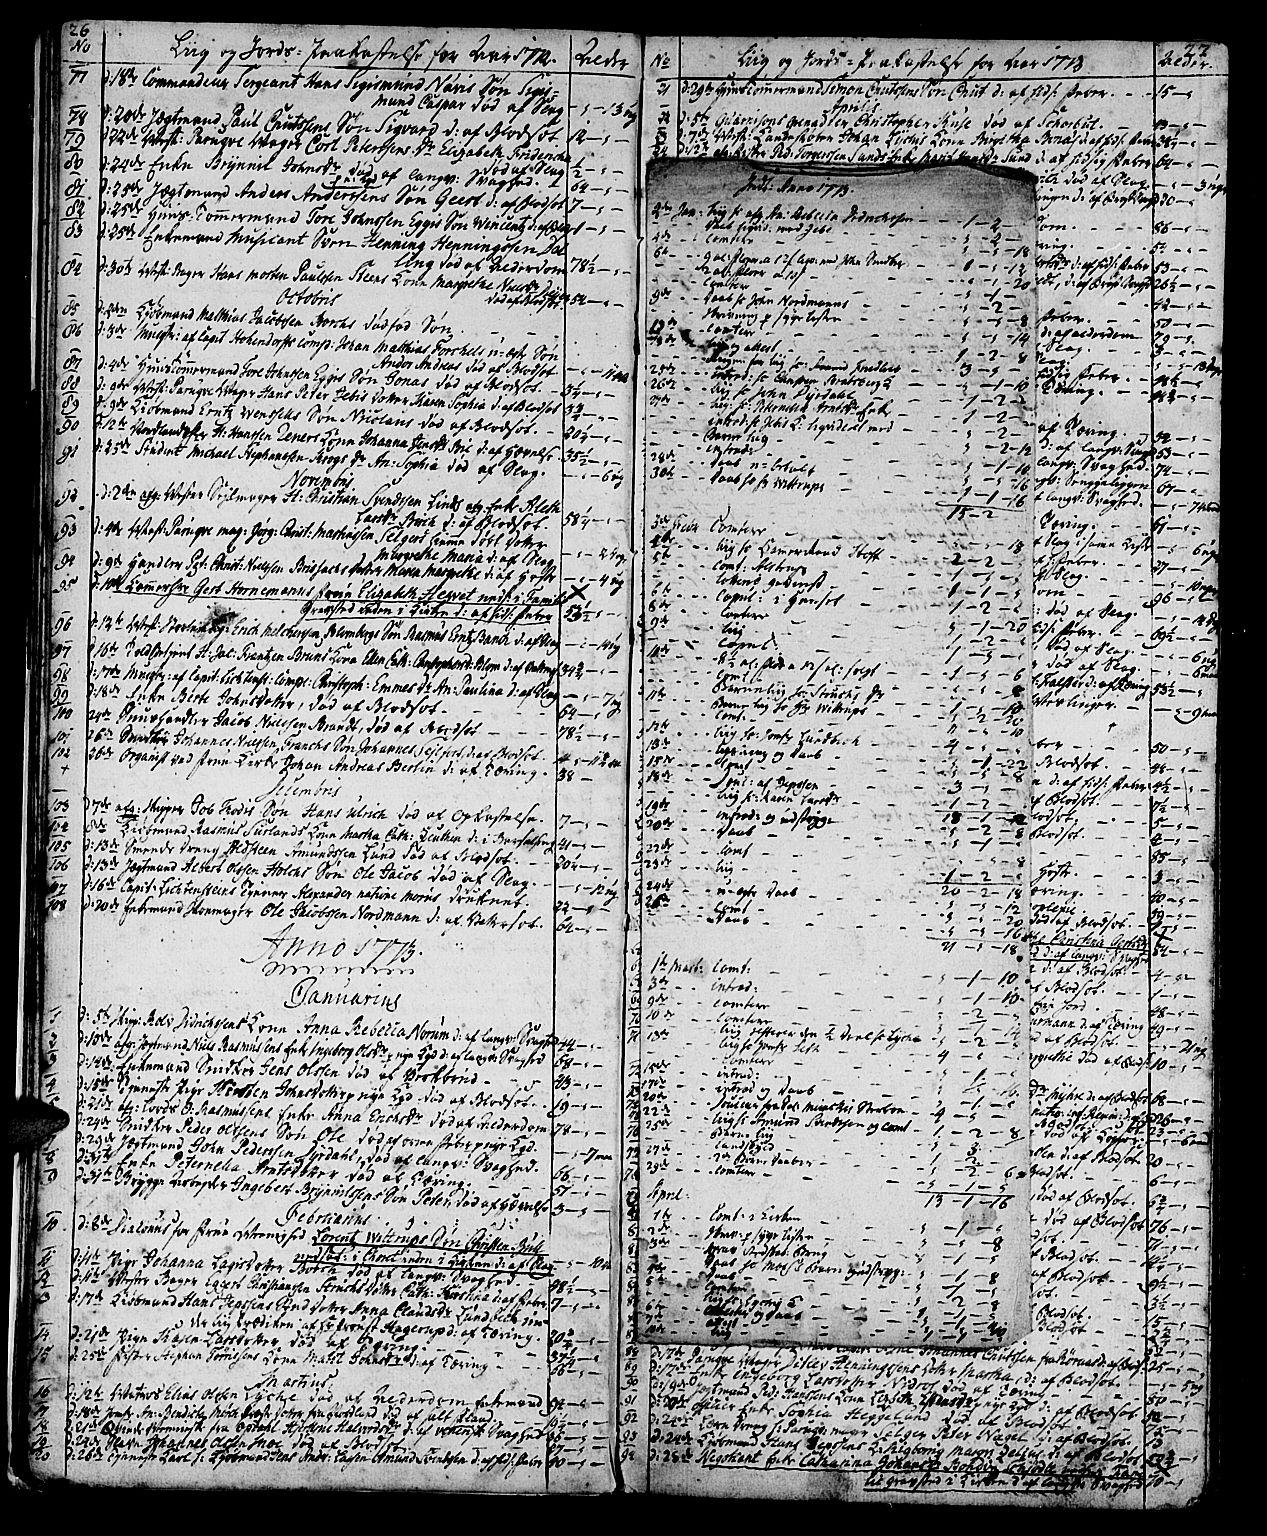 SAT, Ministerialprotokoller, klokkerbøker og fødselsregistre - Sør-Trøndelag, 602/L0134: Klokkerbok nr. 602C02, 1759-1812, s. 26-27